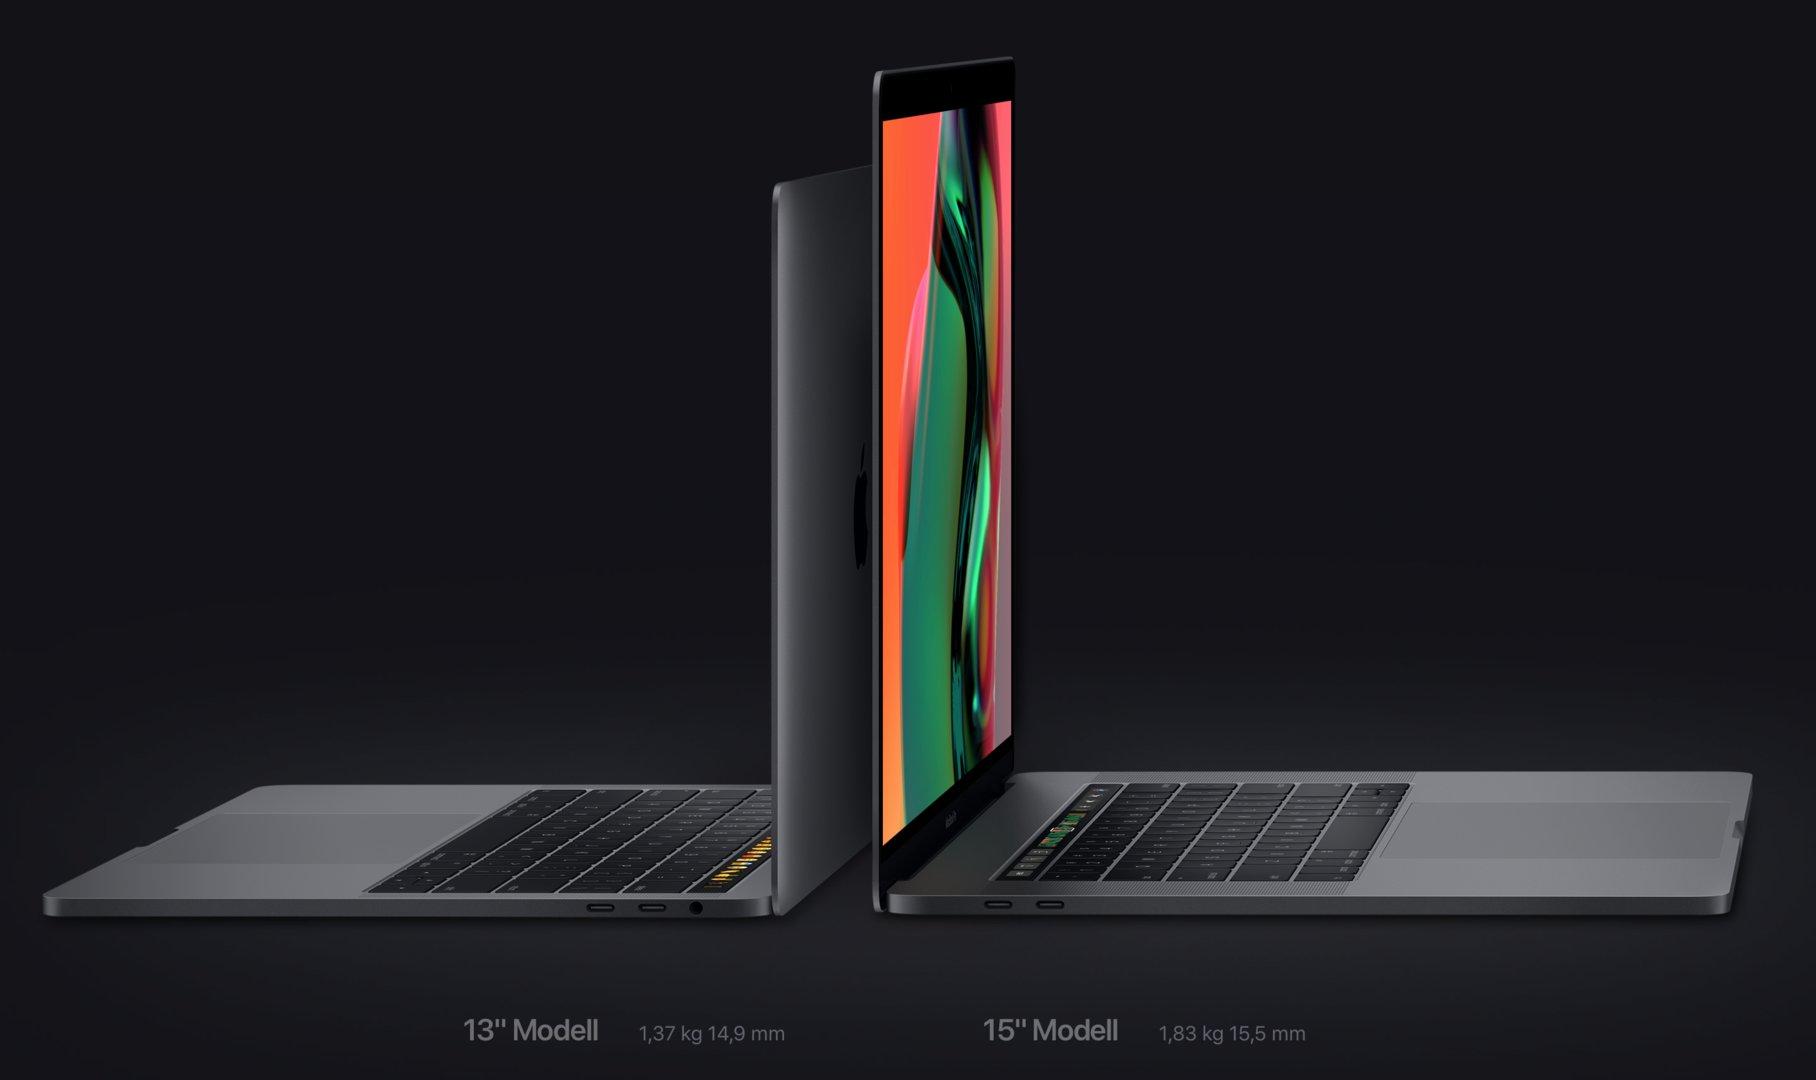 Das neue MacBook Pro mit Touch Bar